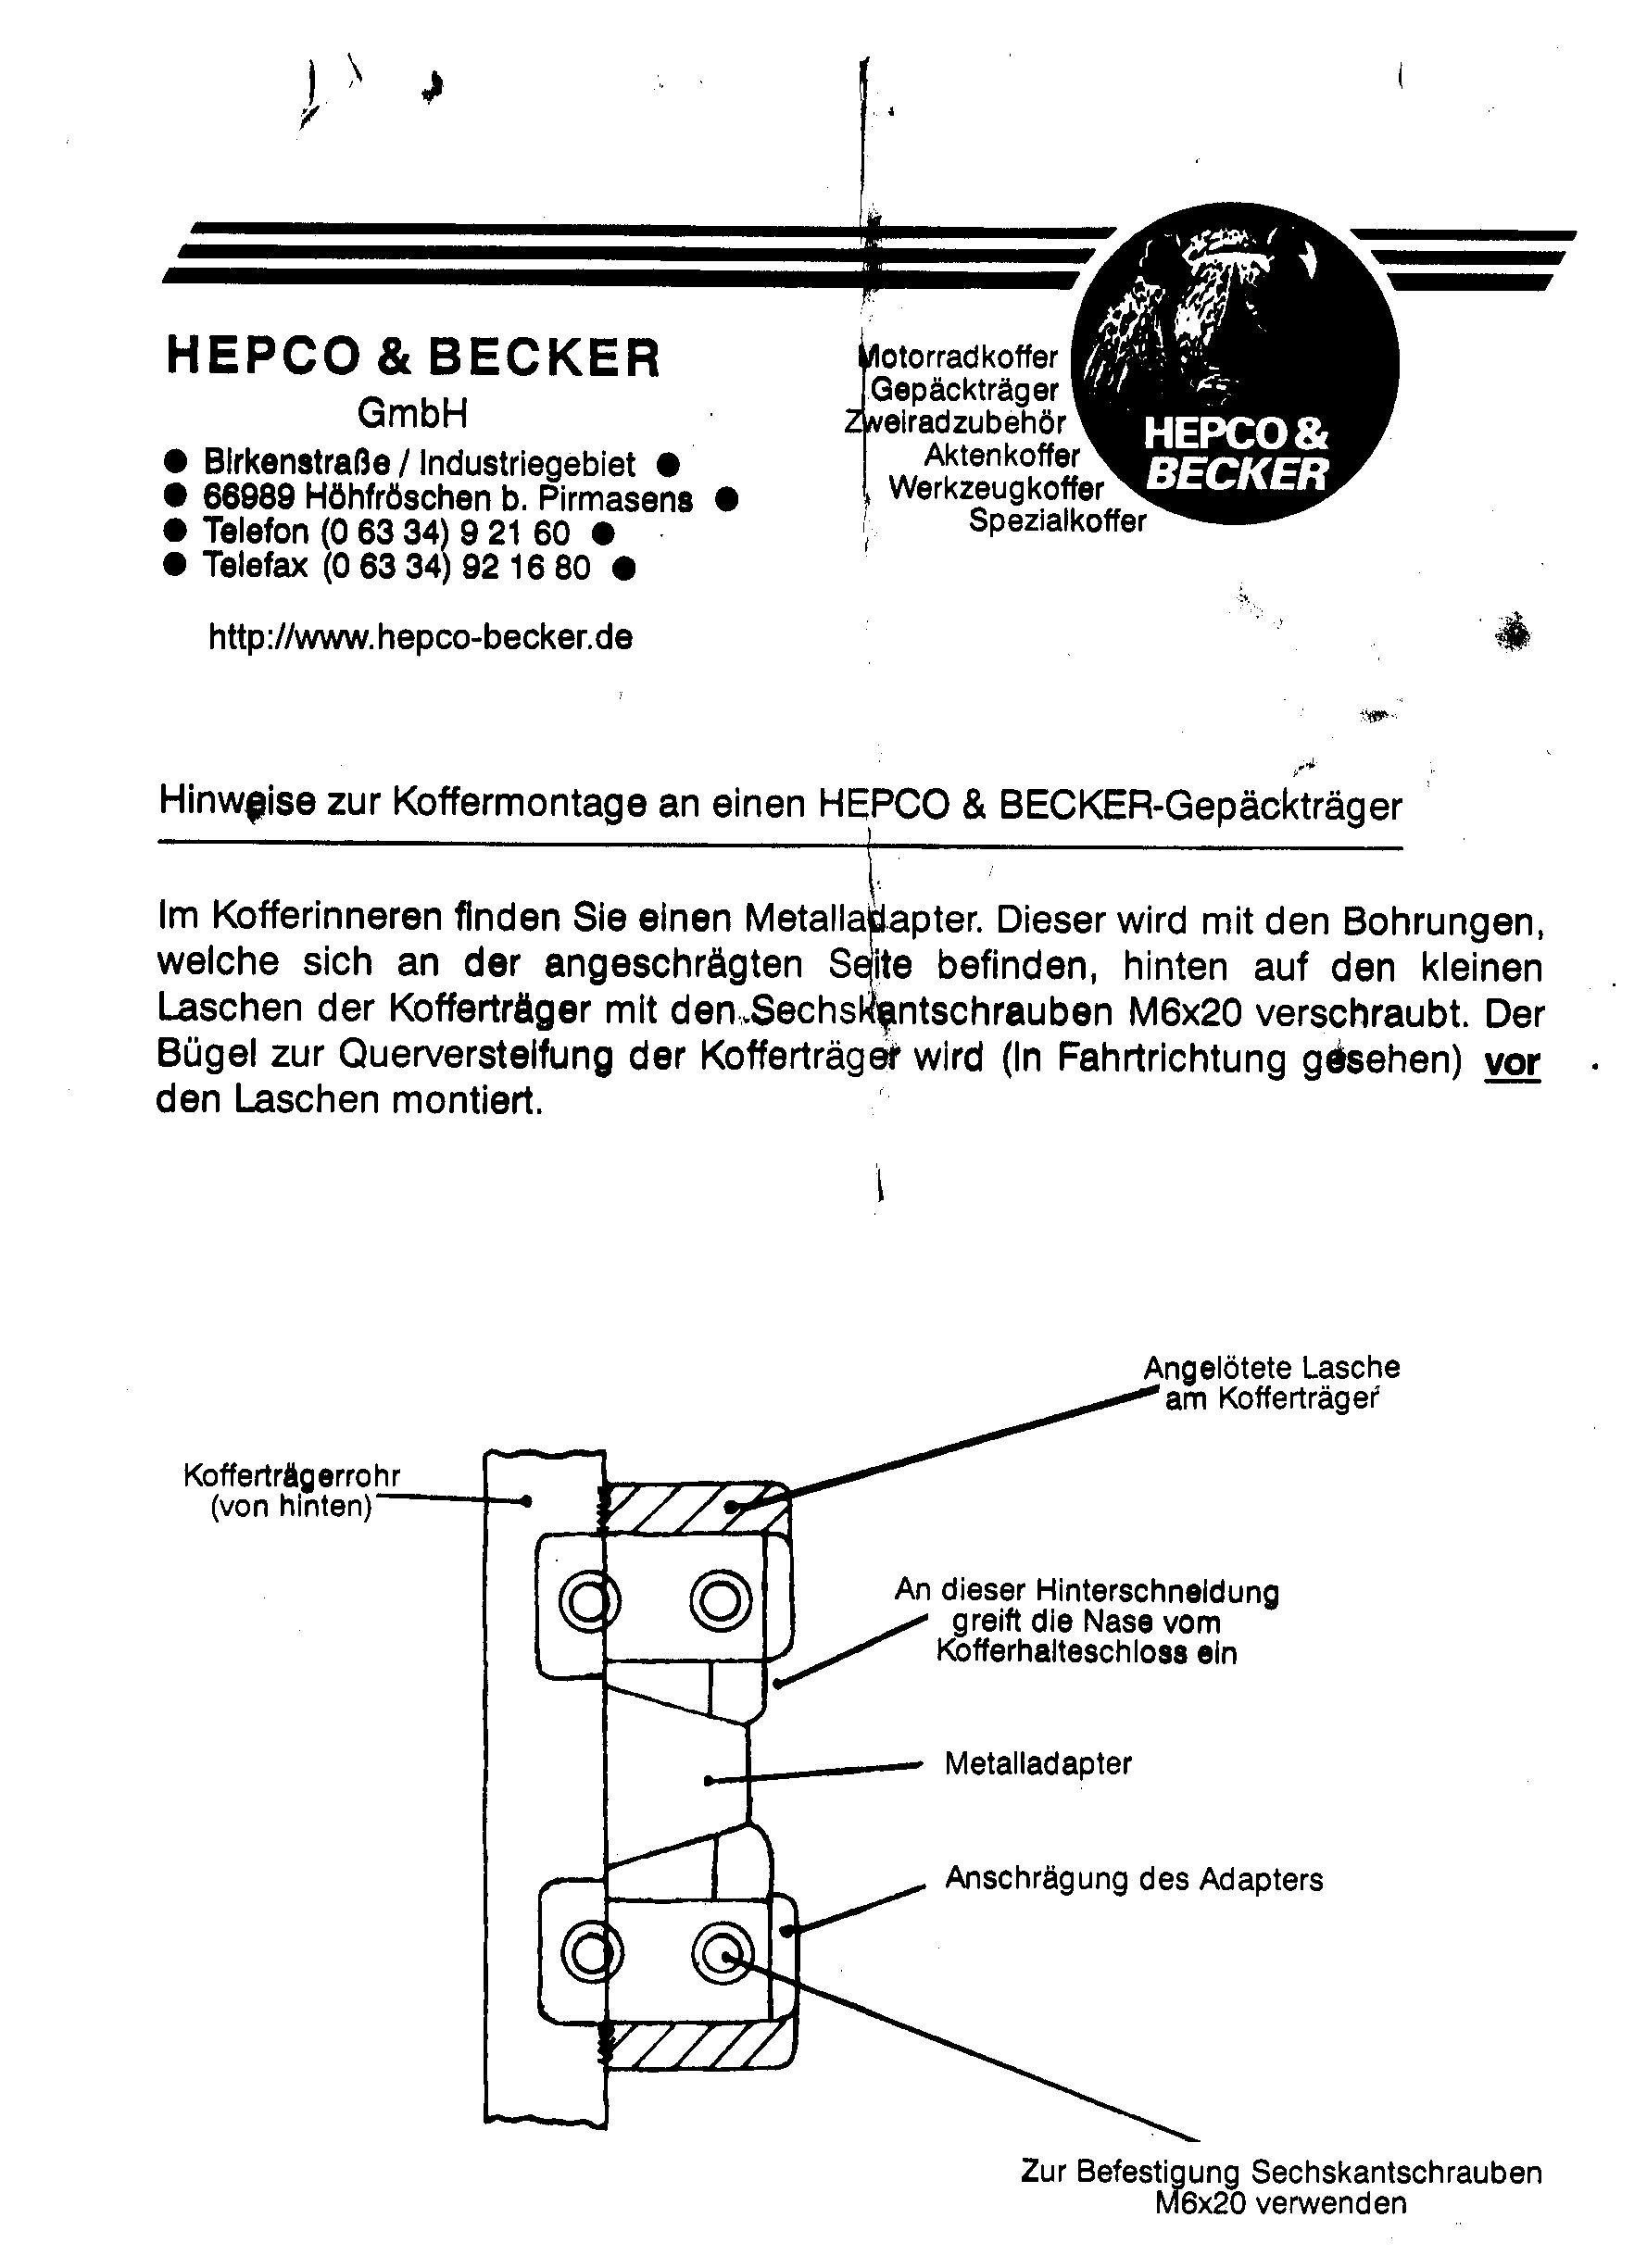 Hepco_Lock.jpg